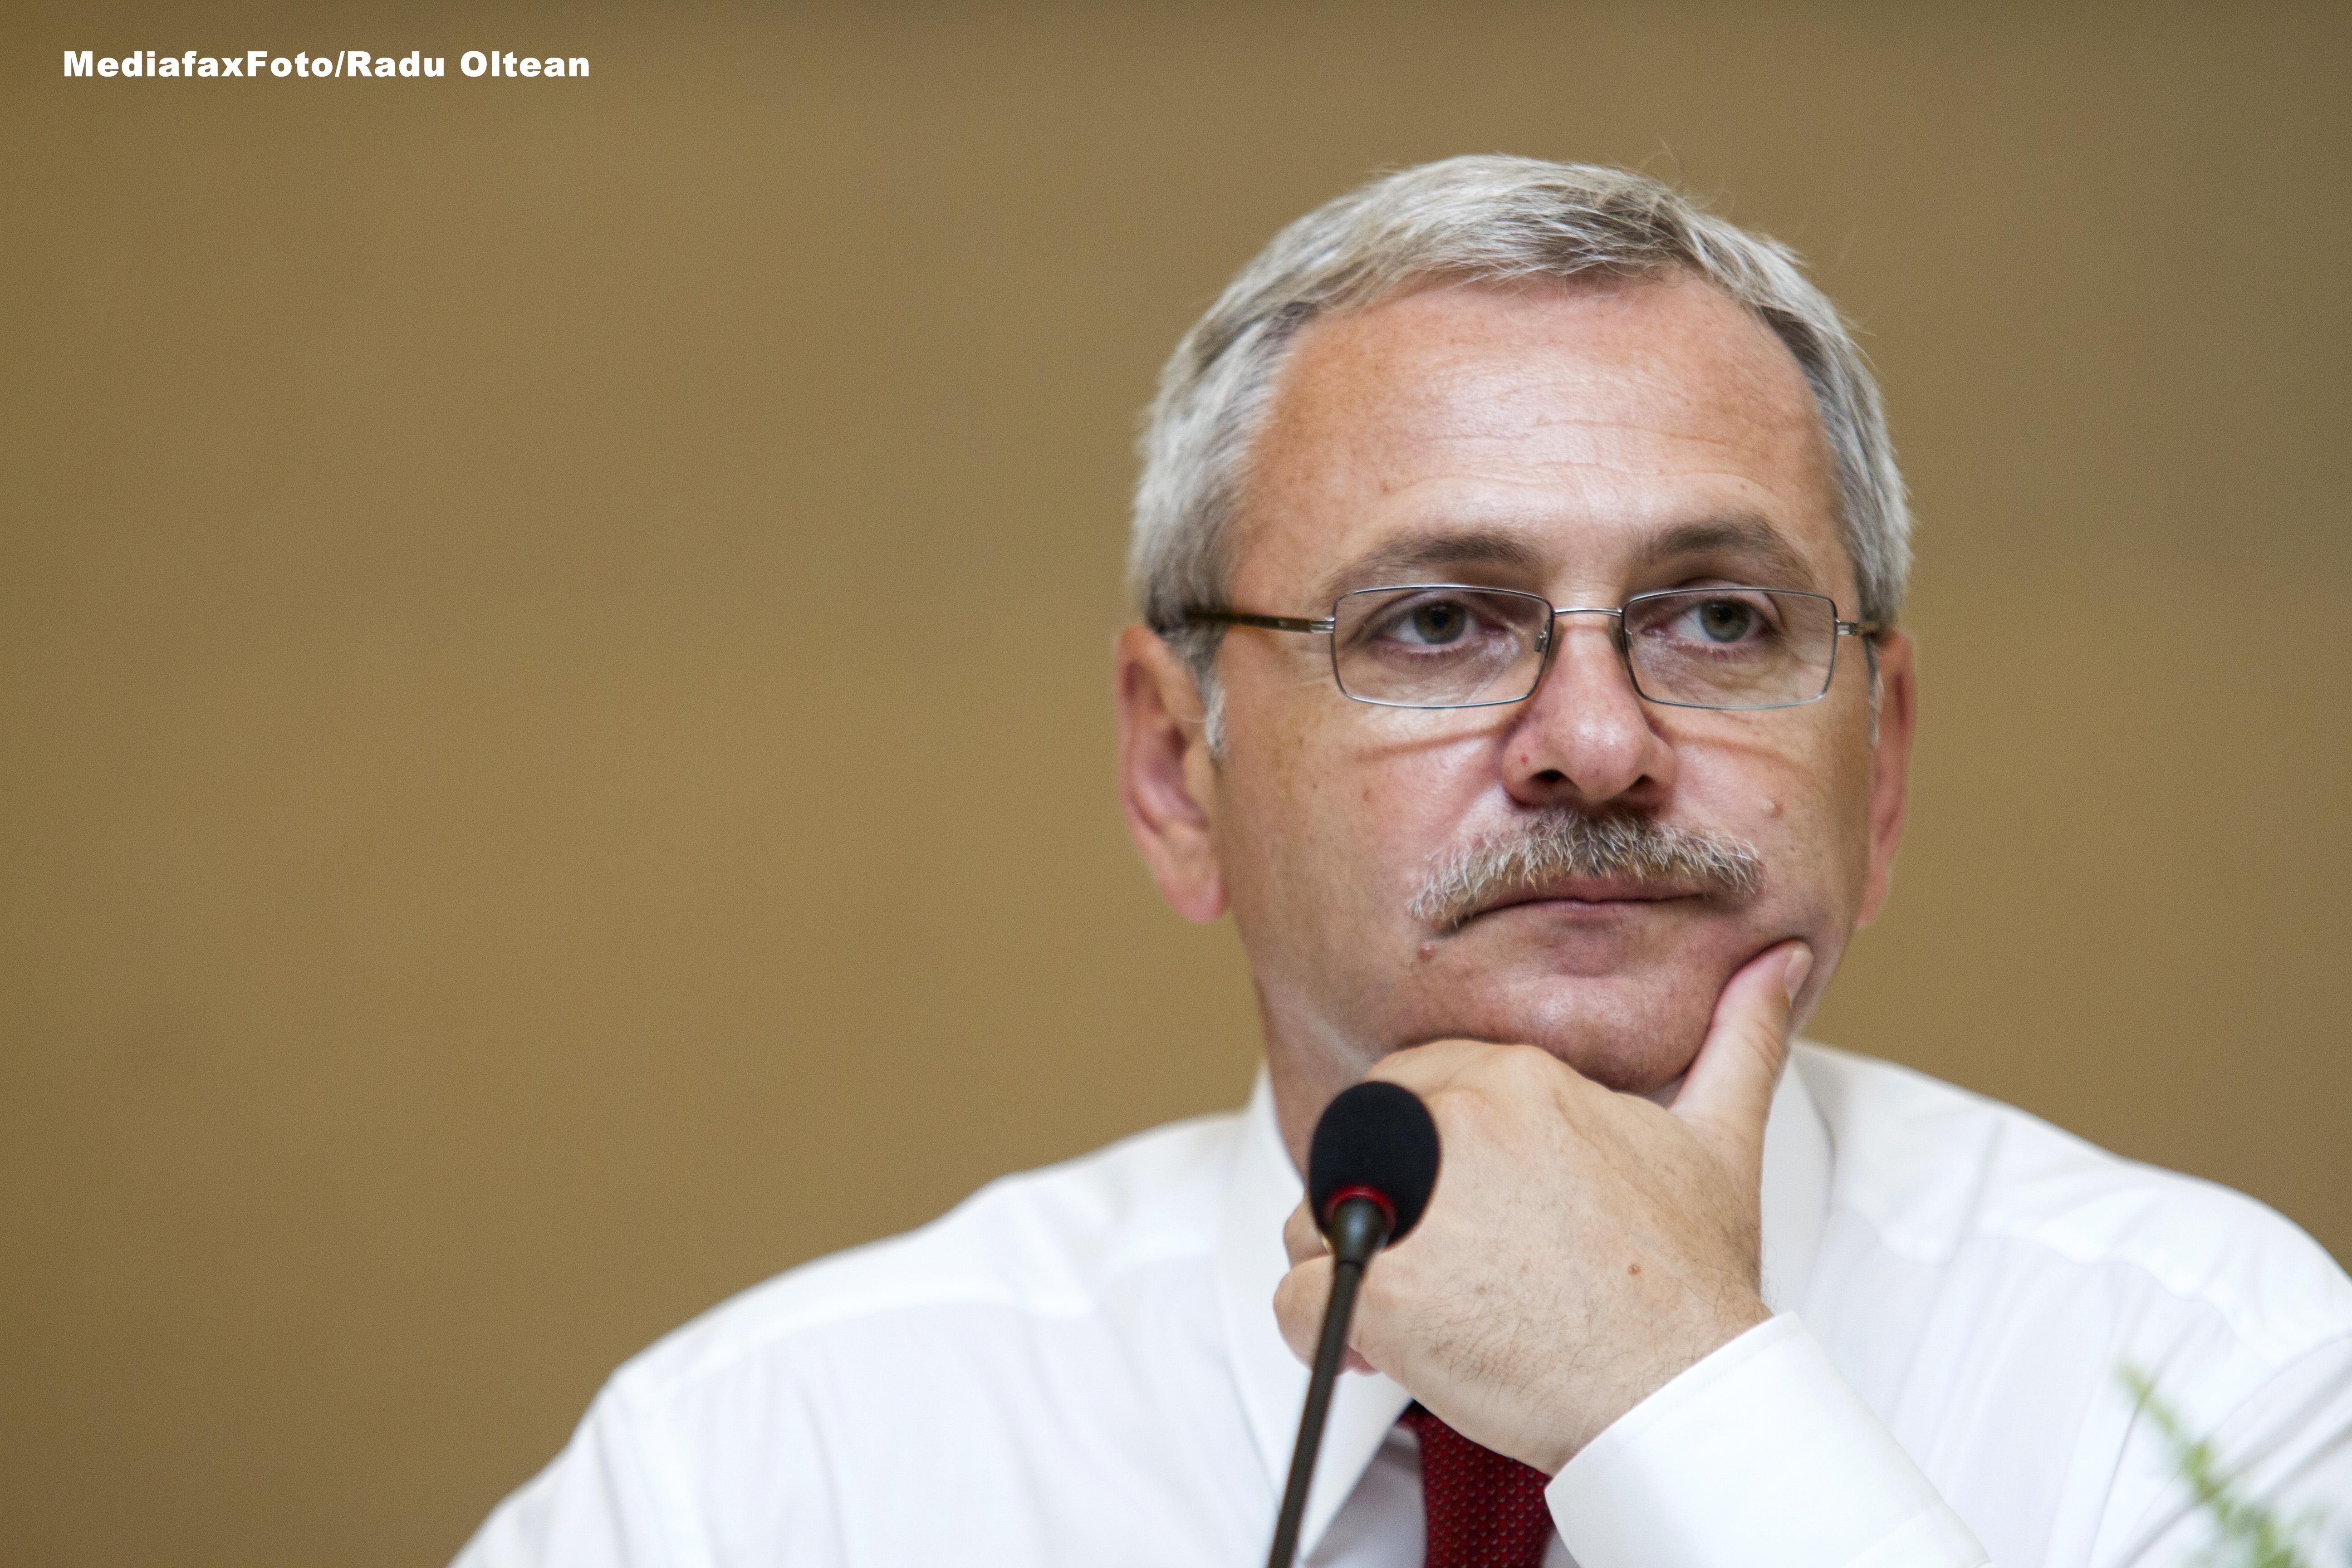 Vicepremierul Dragnea, despre Rosia Montana: Sa ne gandim daca facem din Romania o gradina botanica